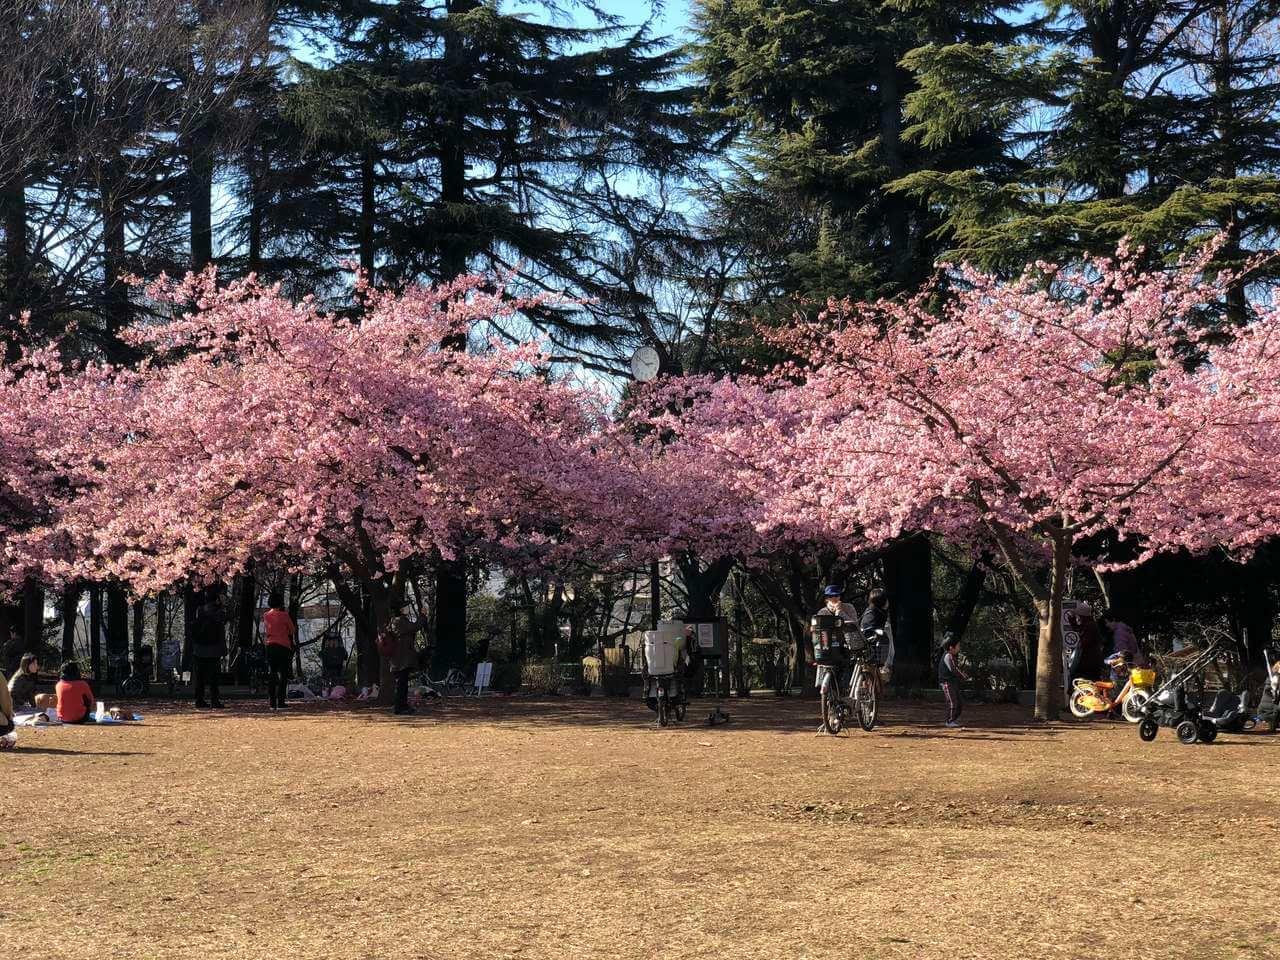 林試の森公園の河津桜と野生のインコたちのブログ画像